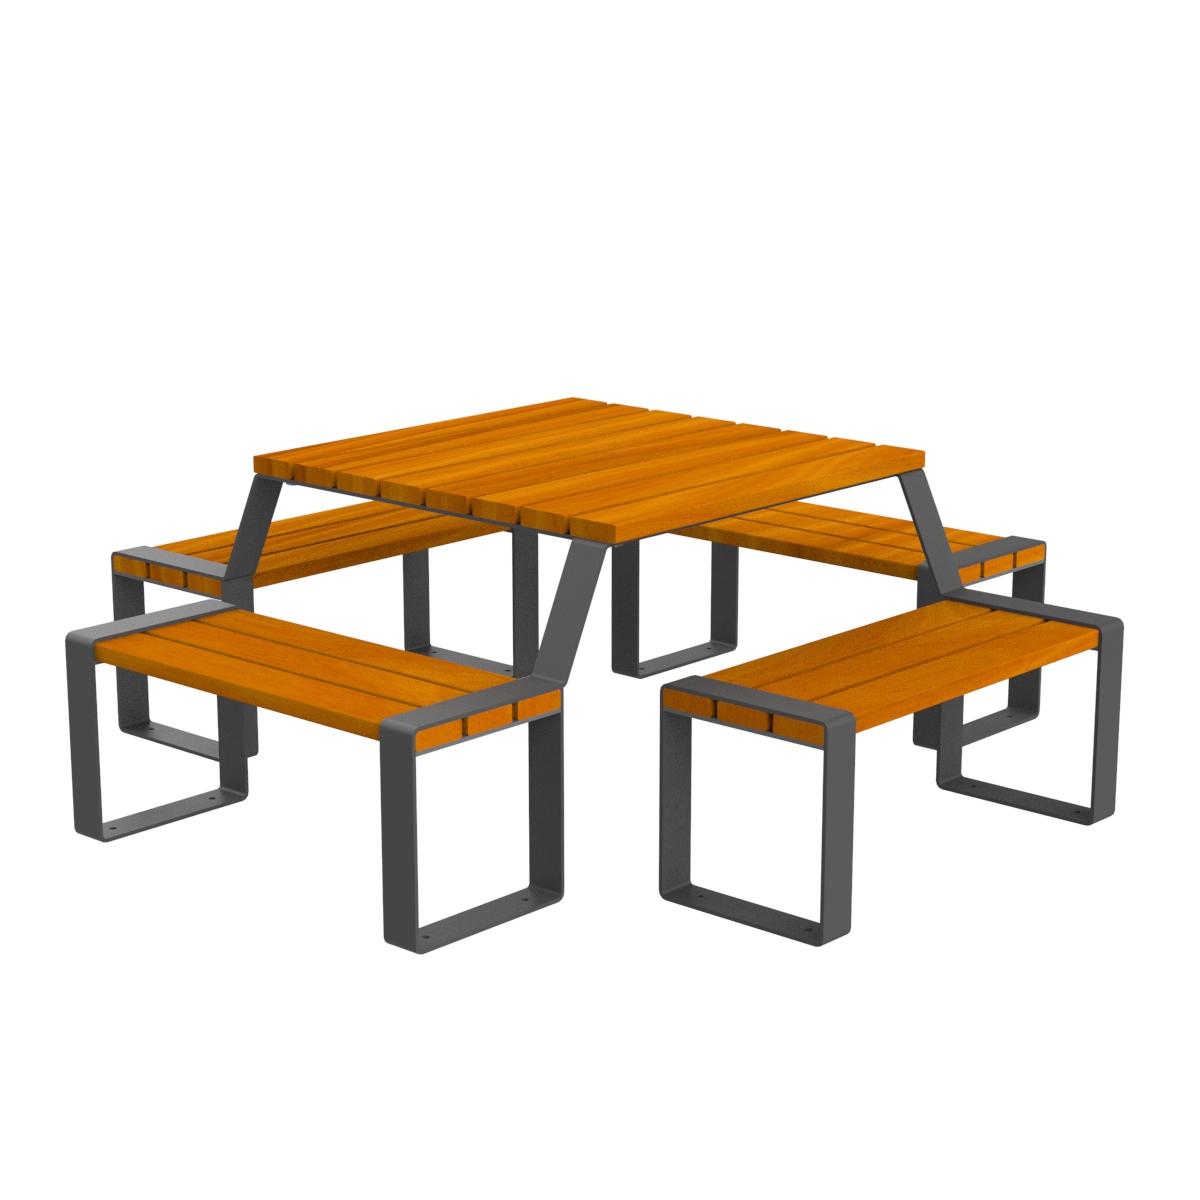 Table Pique-nique Marina Bois Mobilier urbain parcs et jardins